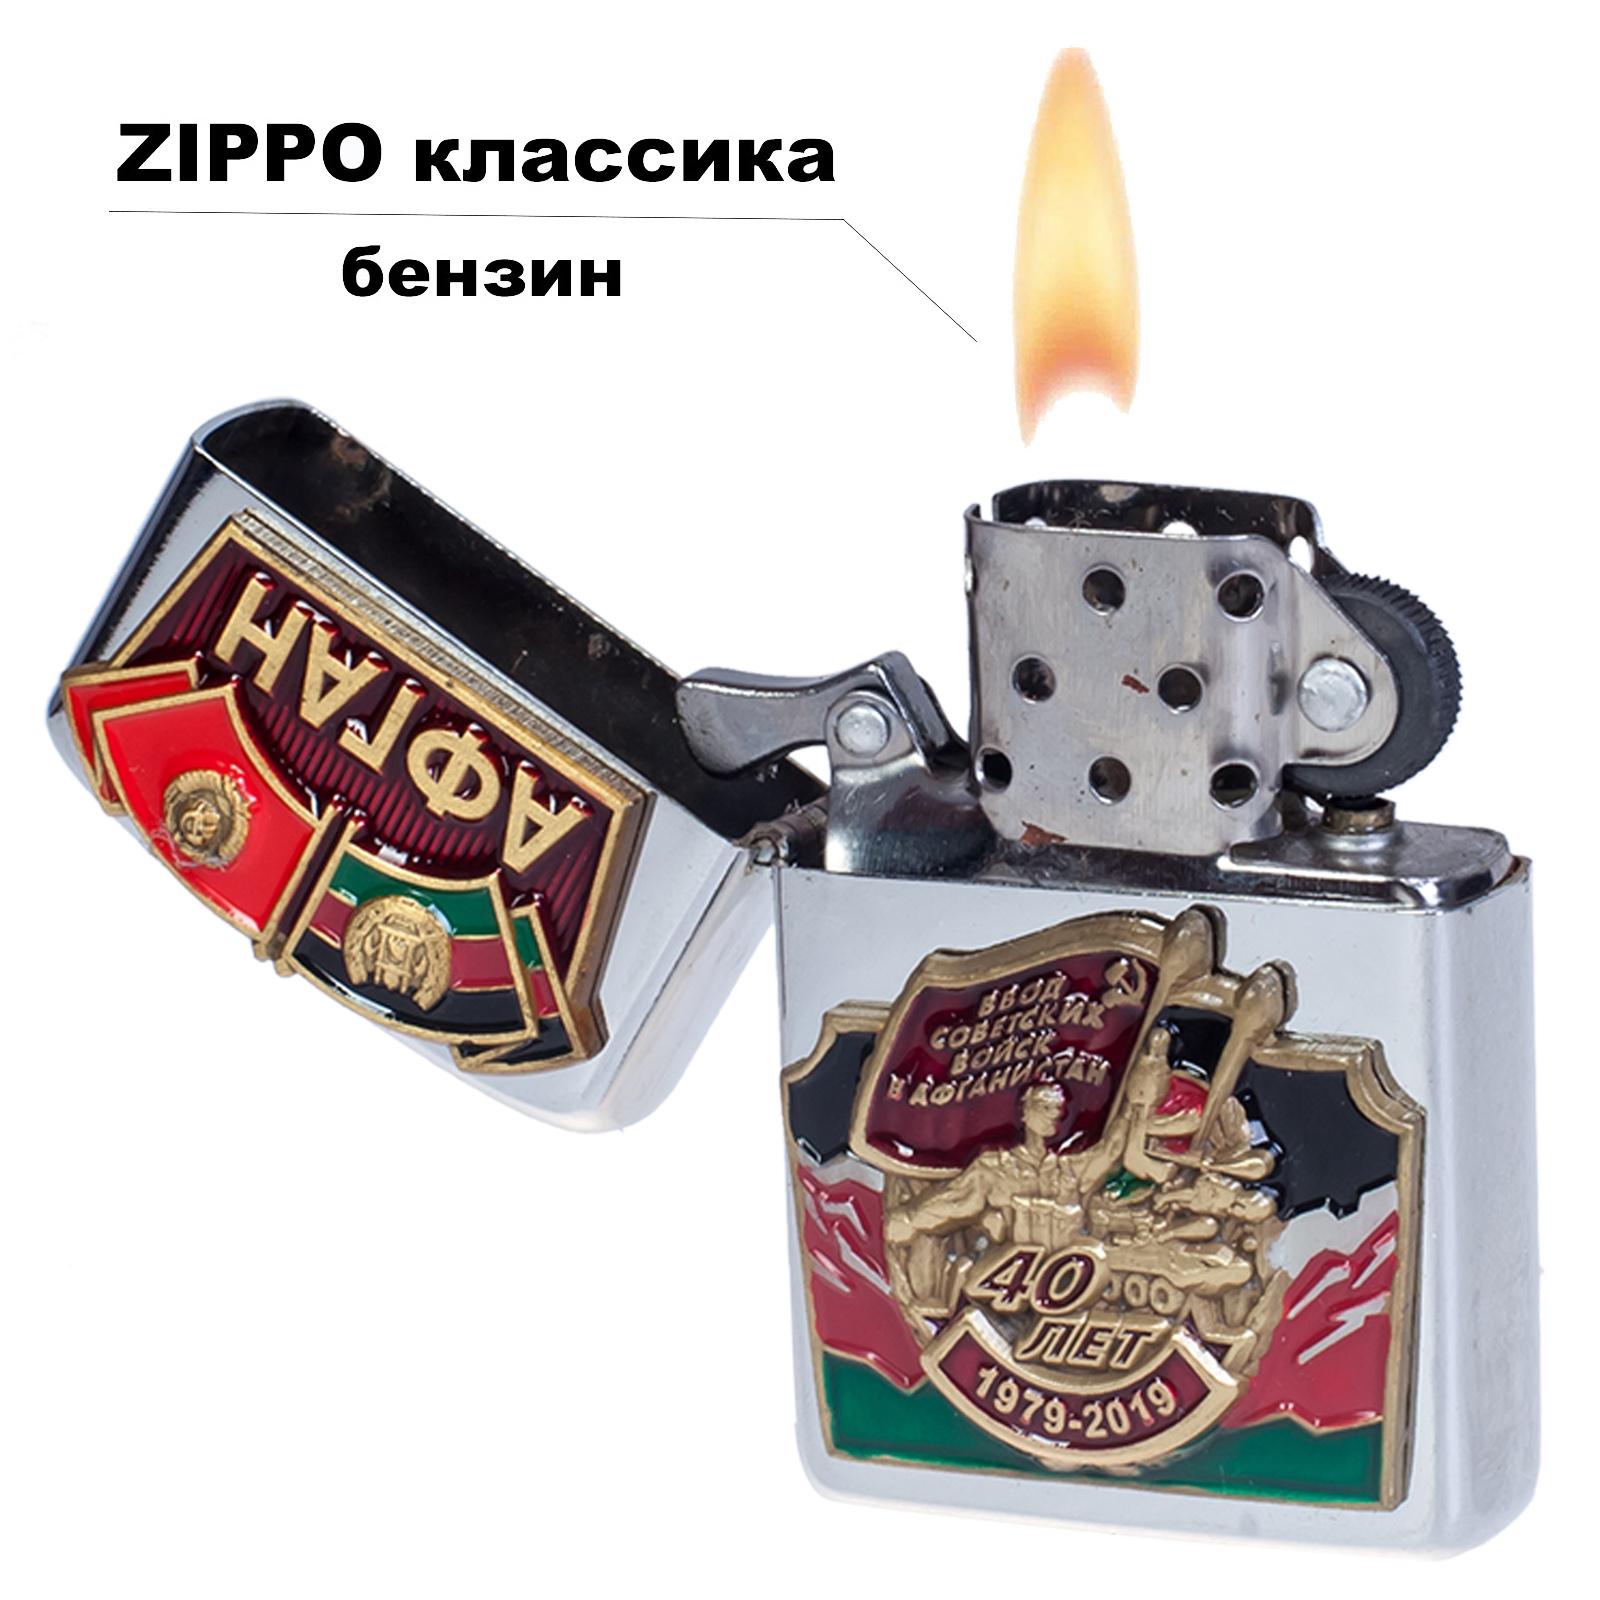 """Купить лучшую бензиновую зажигалку """"Афган"""" онлайн с доставкой"""